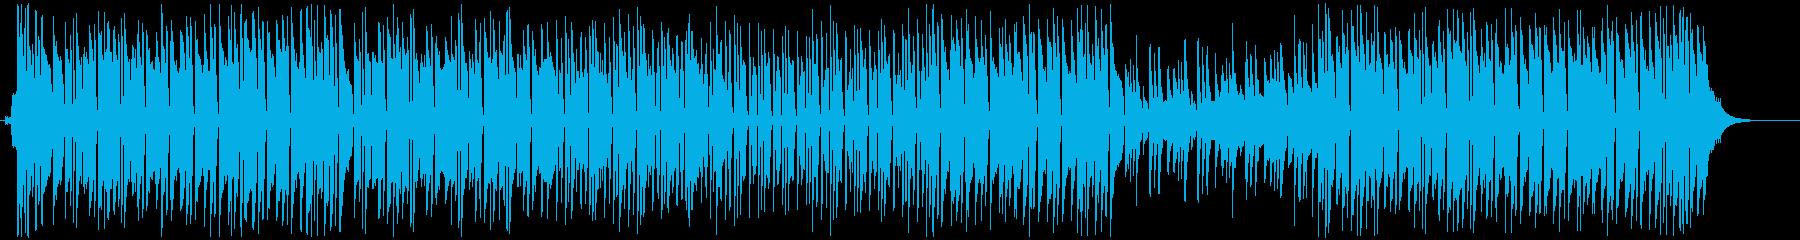 爽やかで前向きな番組-OPED-イベントの再生済みの波形